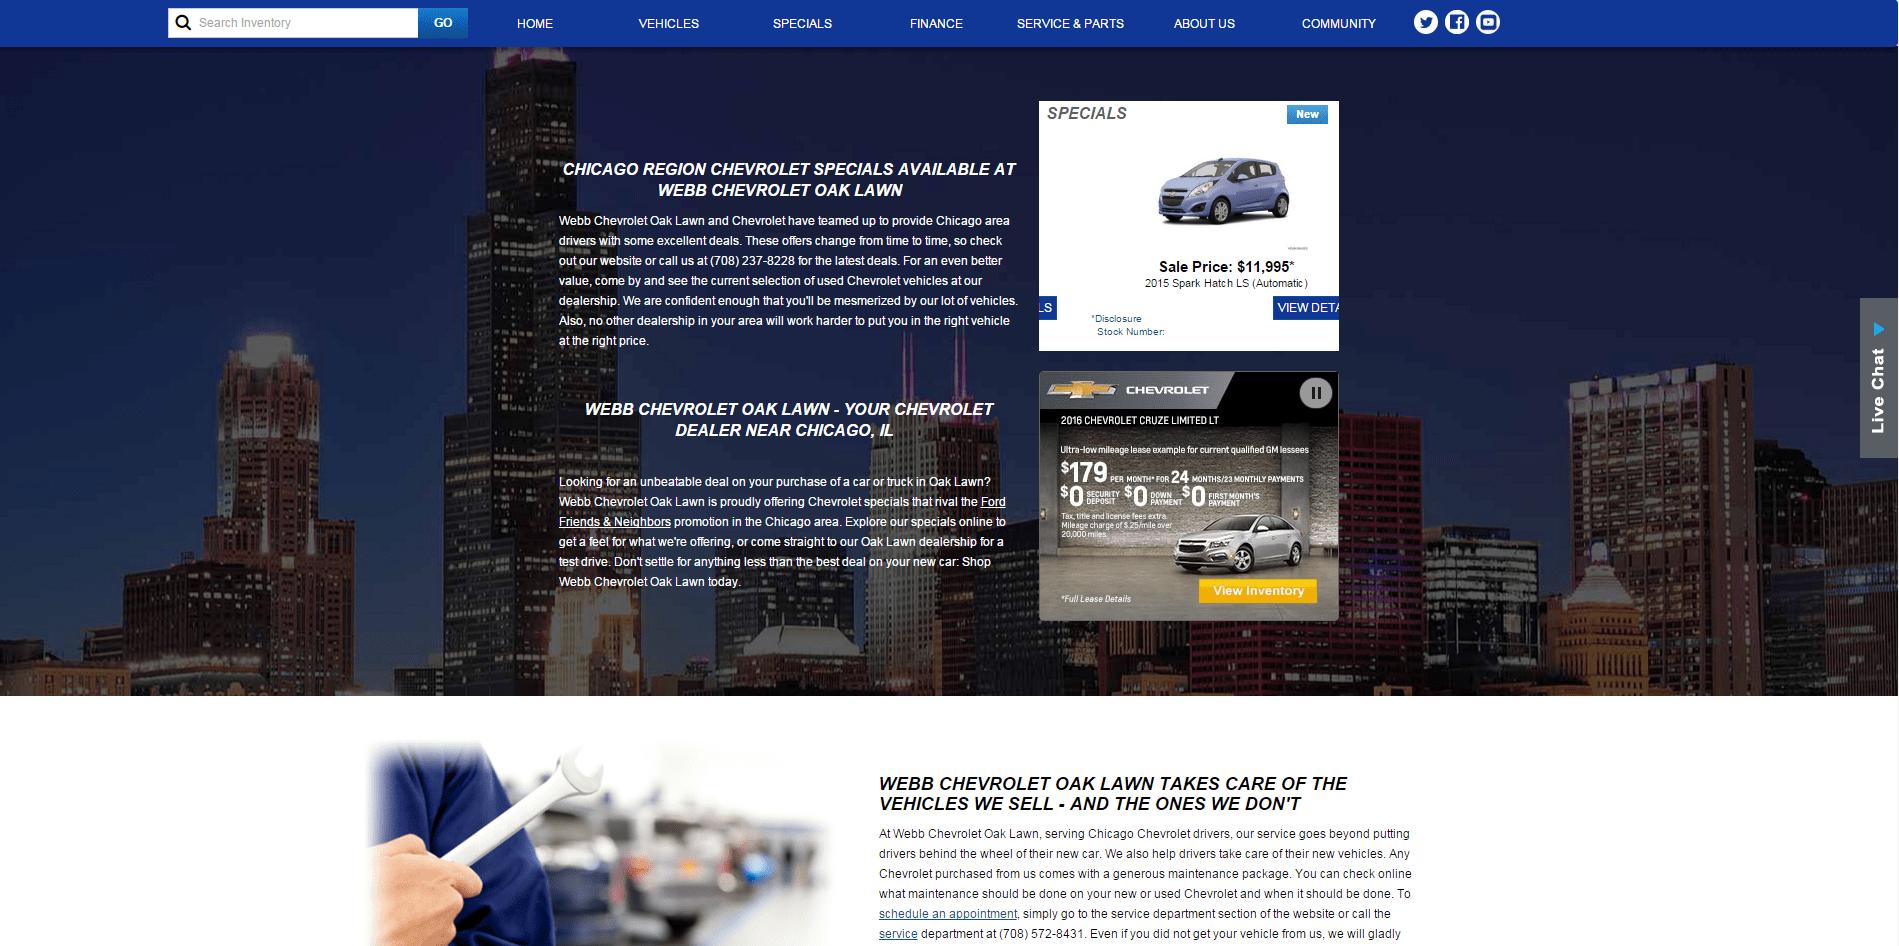 Webb Chevrolet (After) 1.3